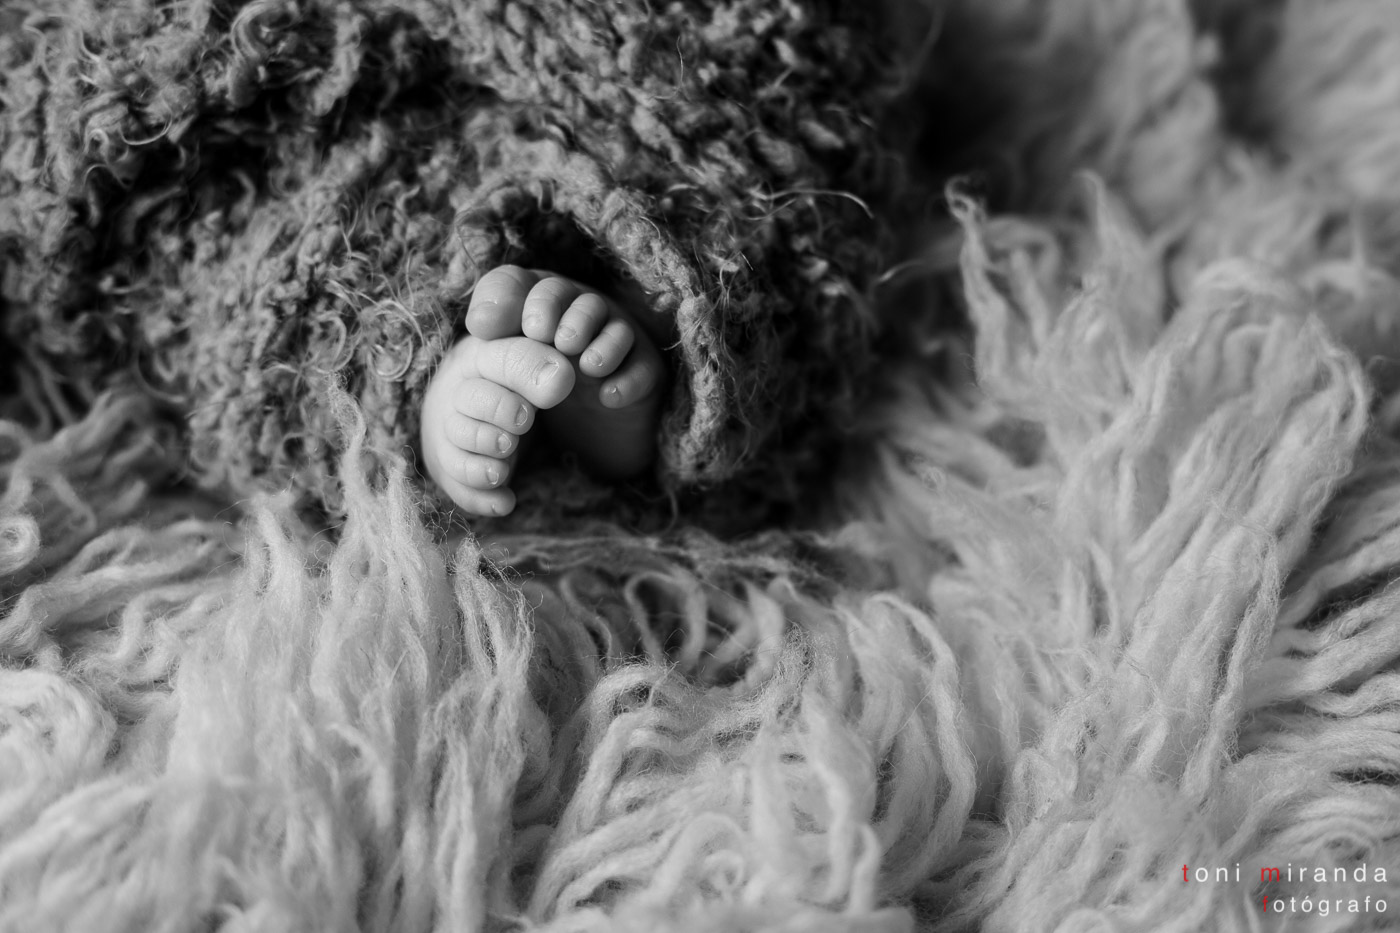 pies de recien nacido